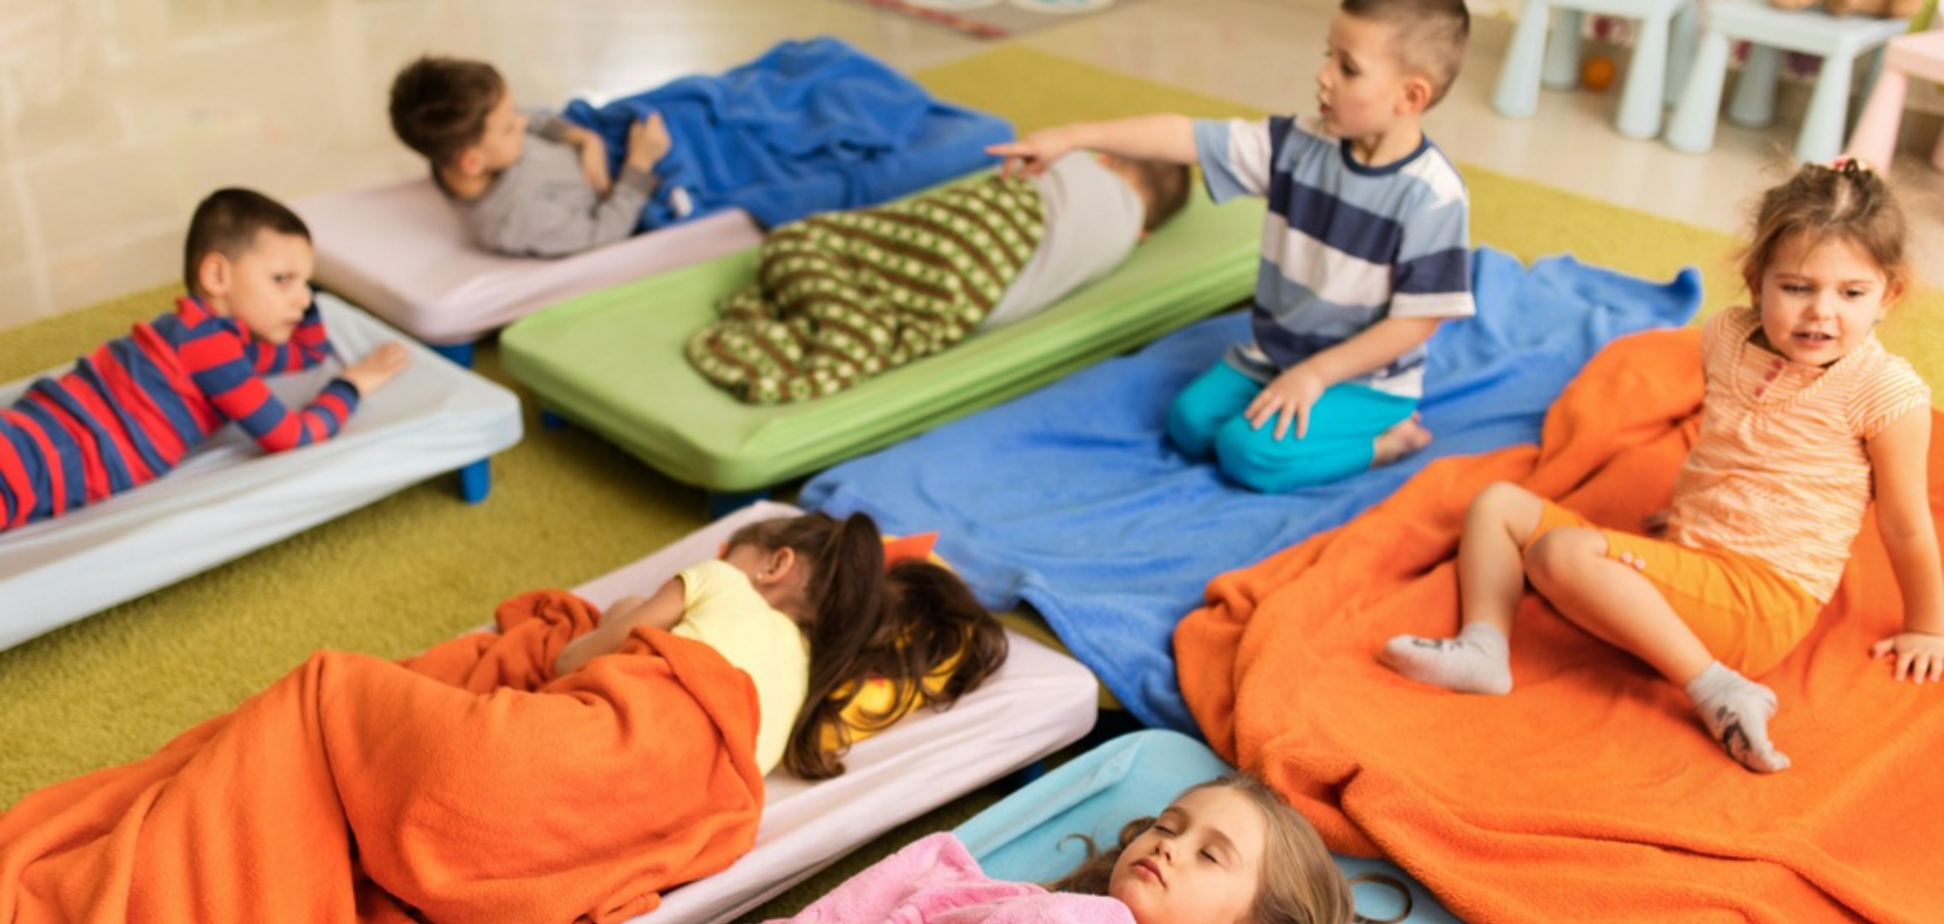 'Укладывали спать на пол': в российском детском саду дети заразились коклюшем